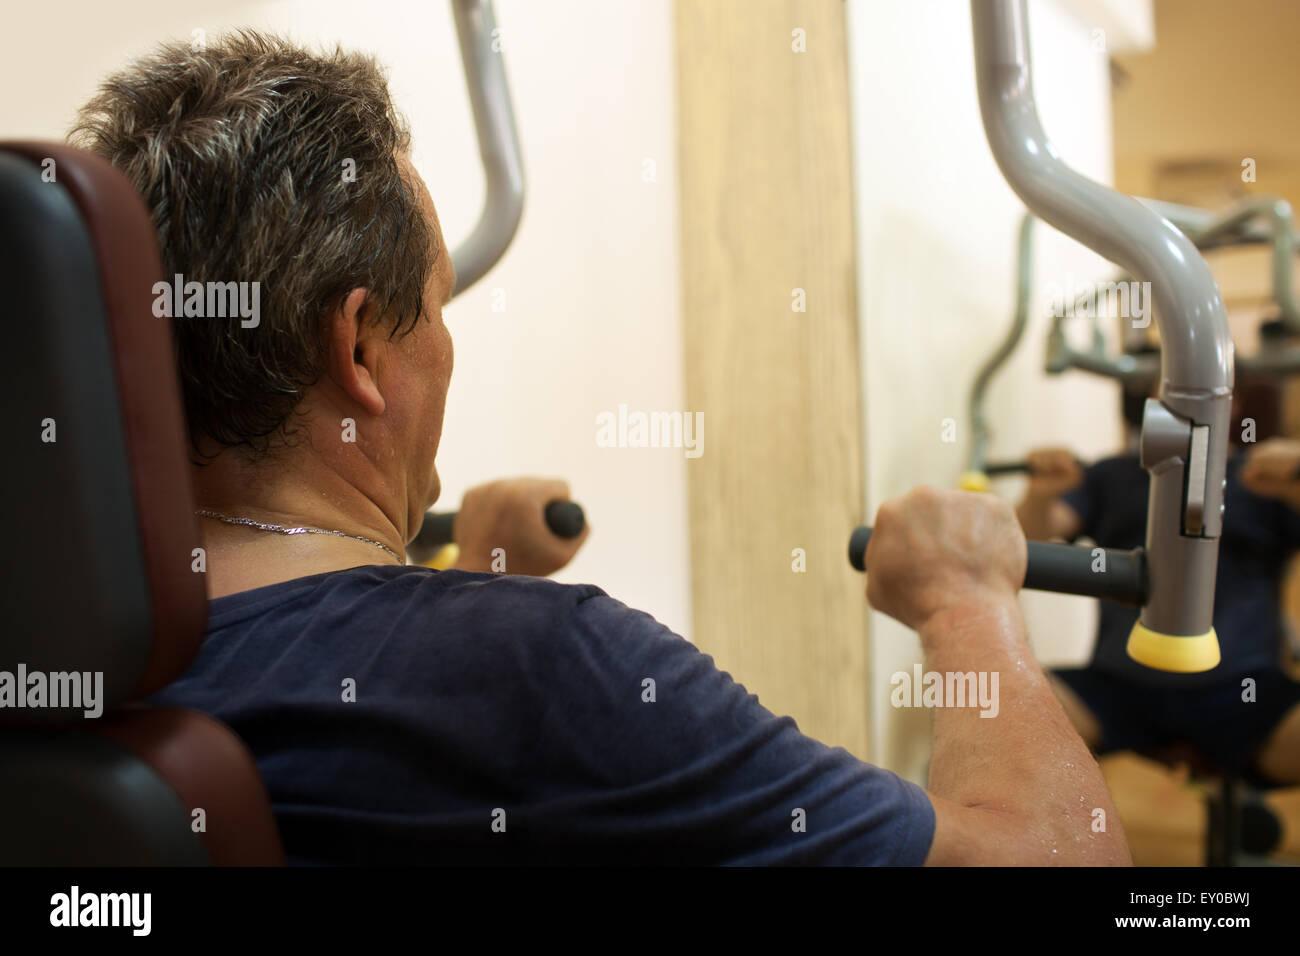 L'exercice de l'homme sur la machine de presse de l'épaule Photo Stock